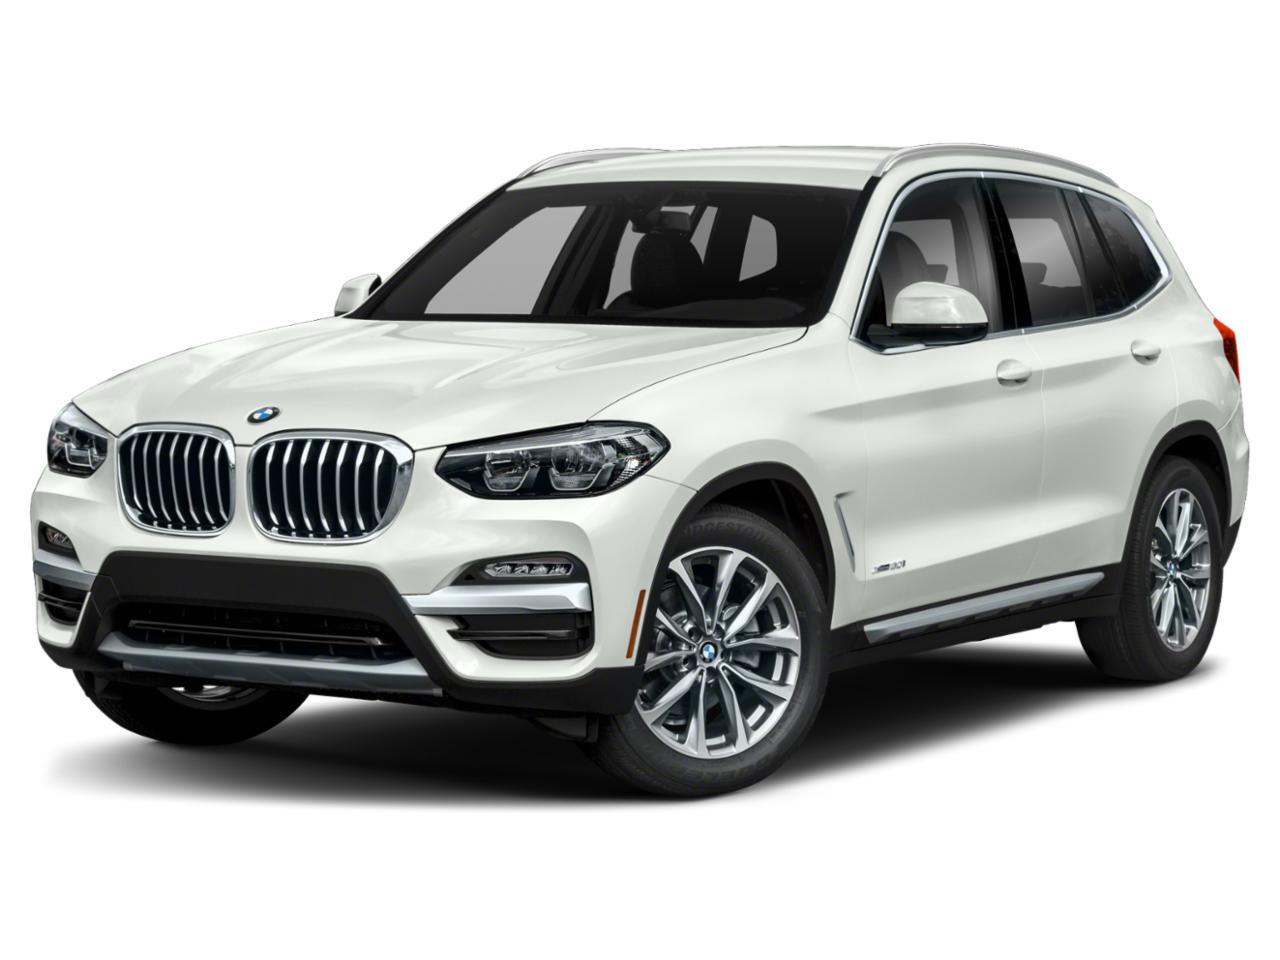 2021 BMW X3 xDrive30i Vehicle Photo in Appleton, WI 54913